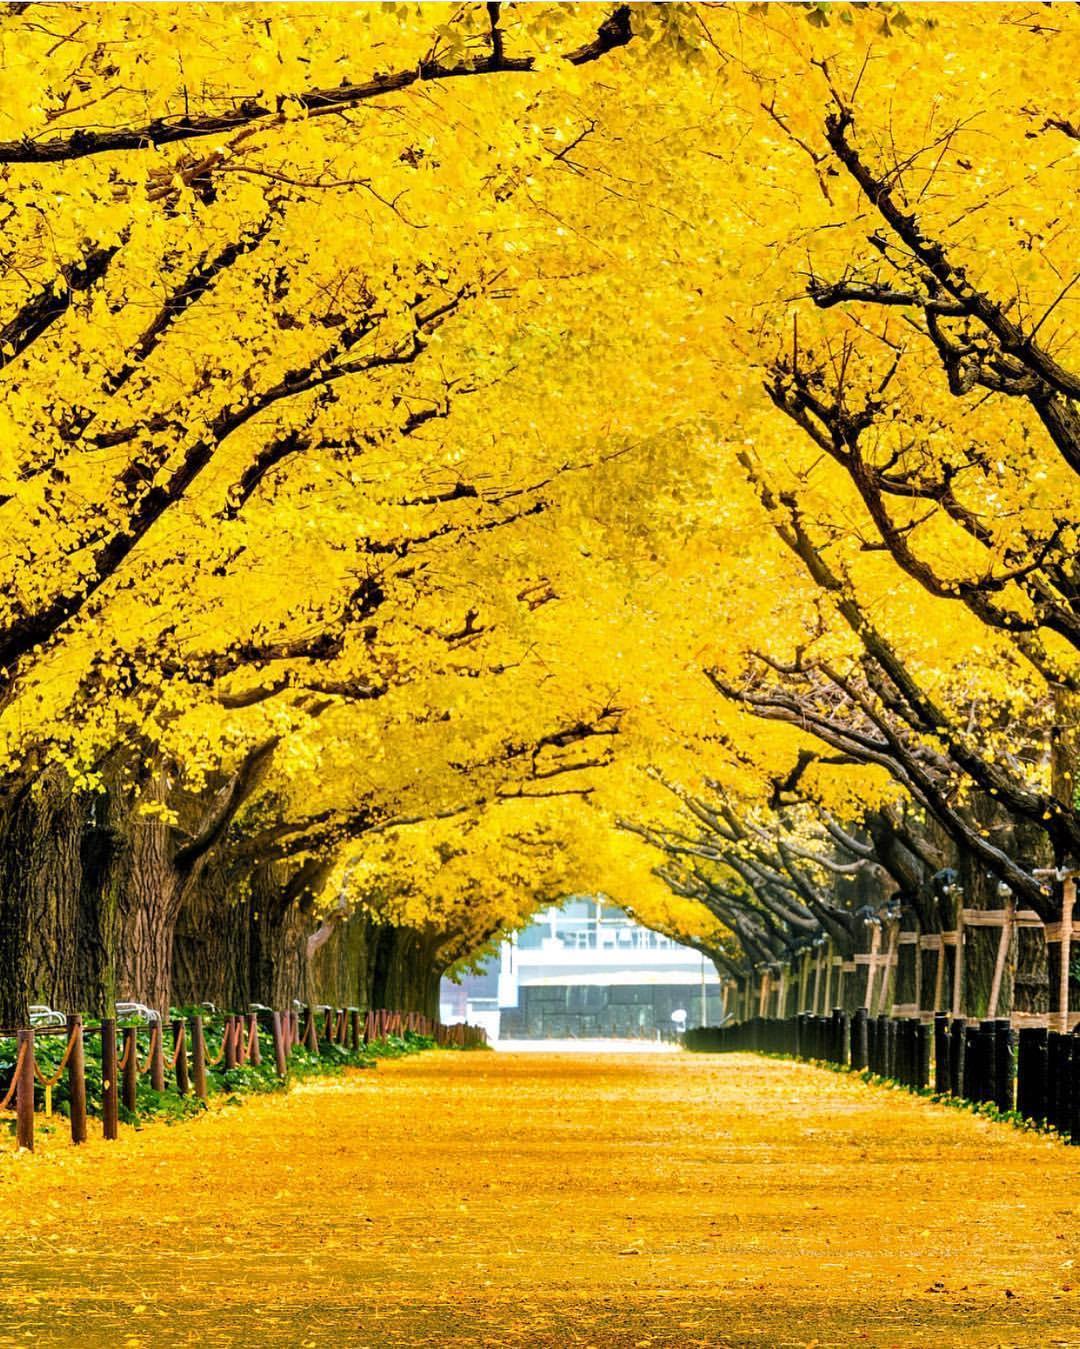 العاصمة اليابابنية طوكيو فى الخريف